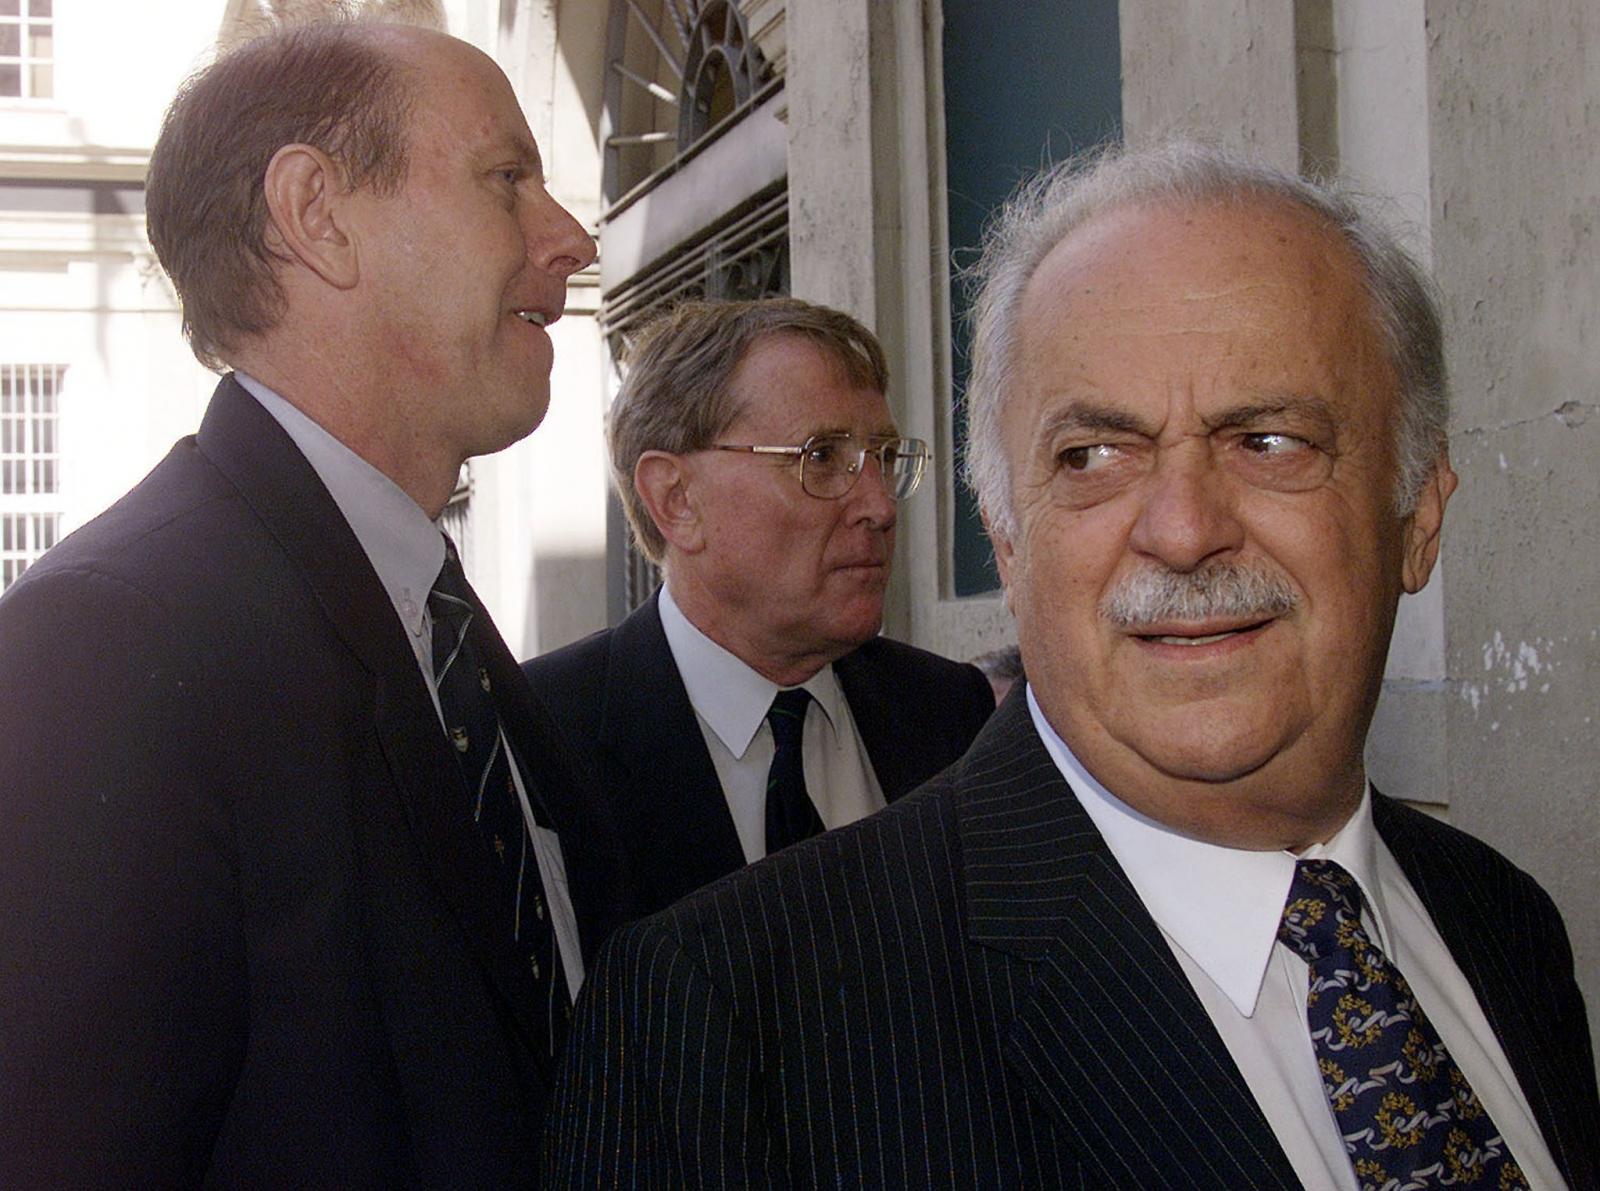 Lawyer George Bizos